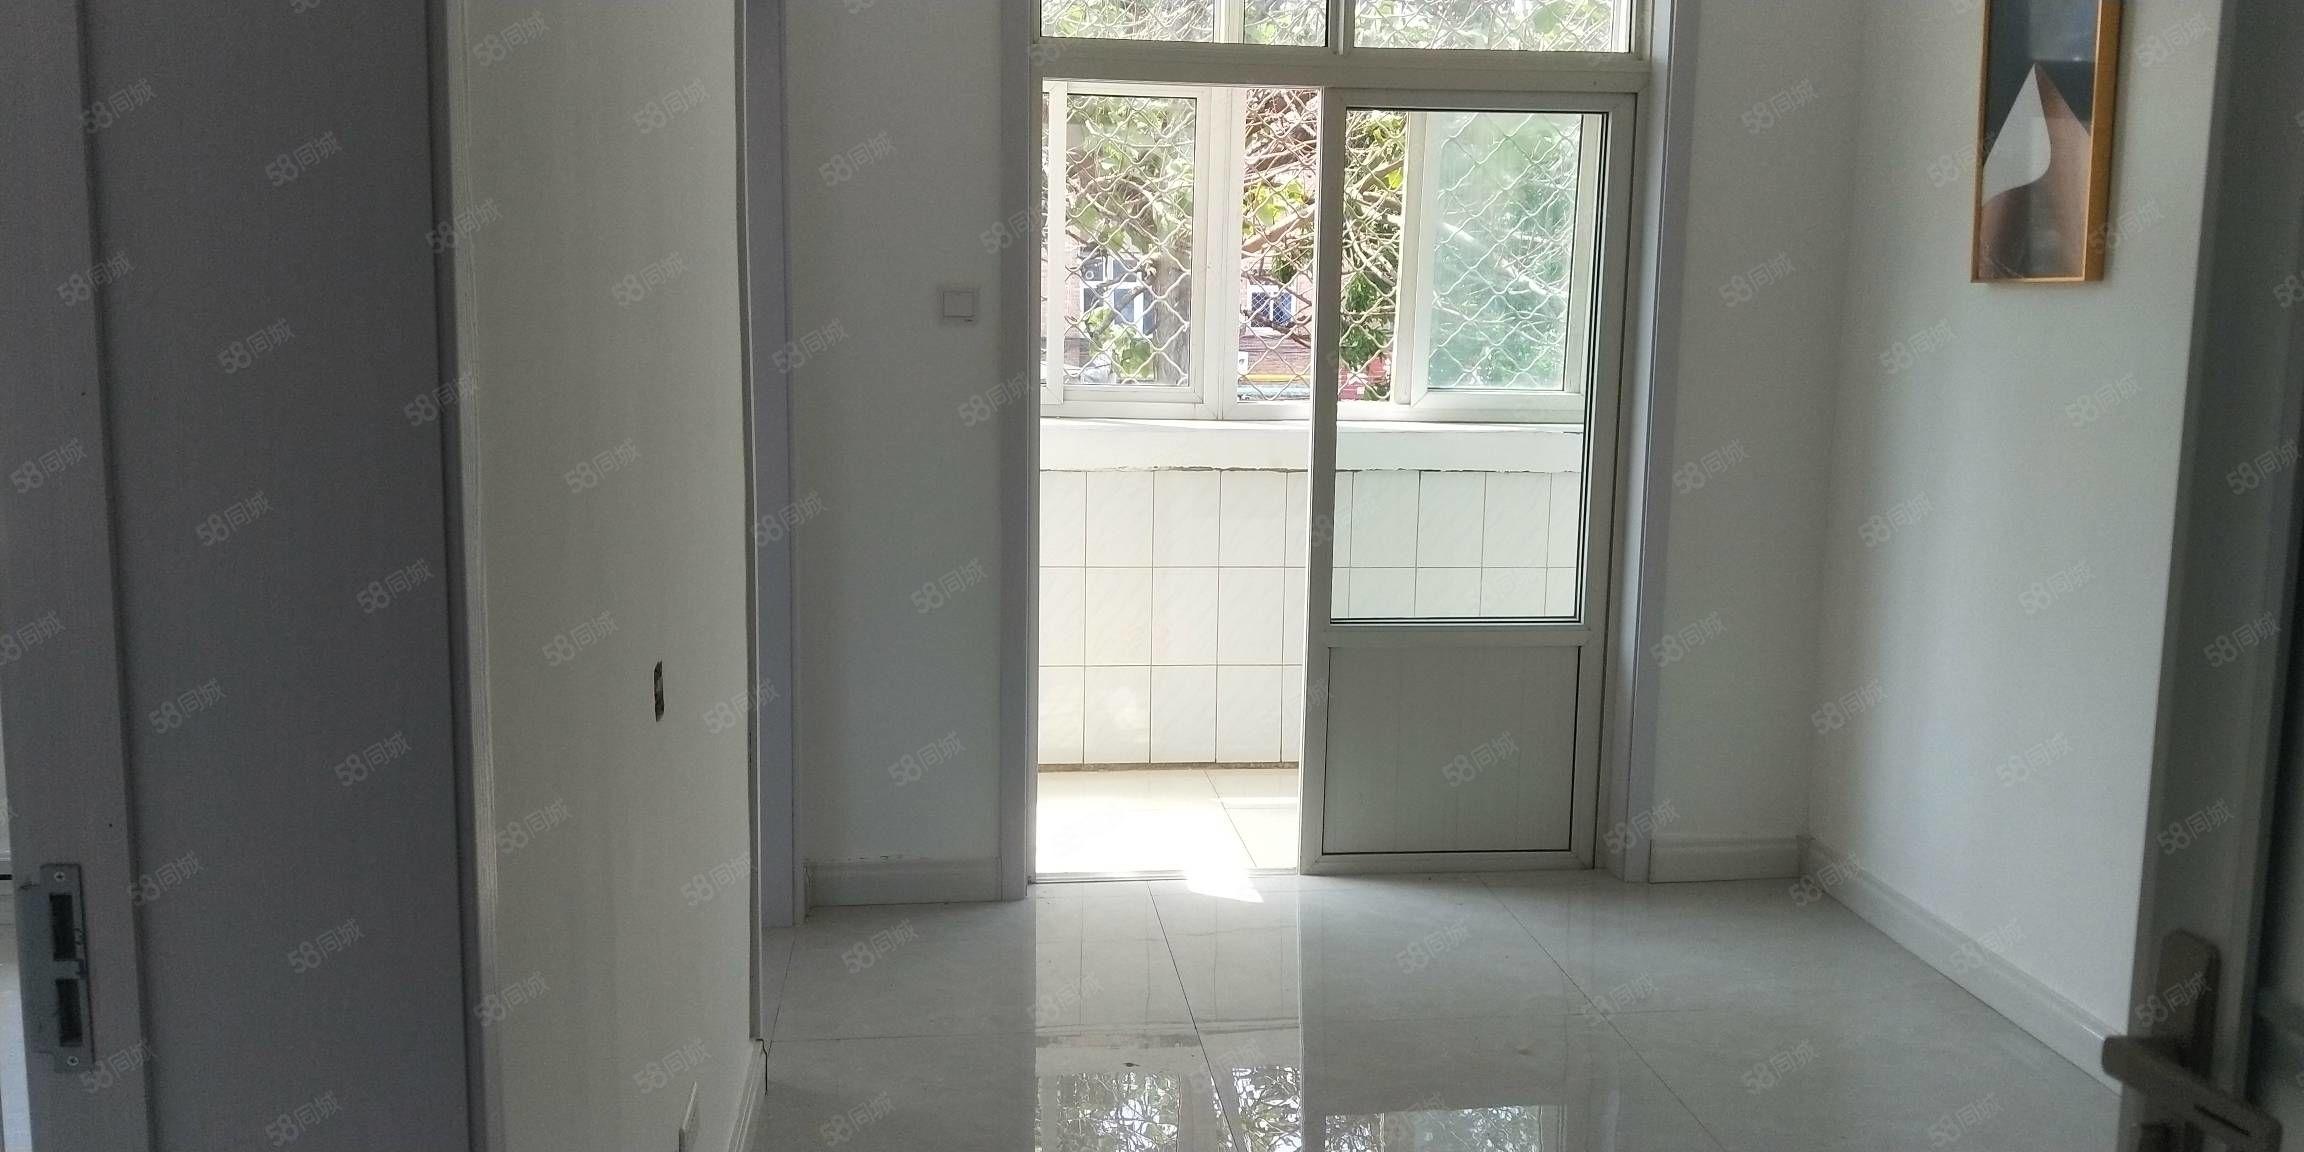 铁路新村小两室精装修婚房可以老人居住可以宜居好